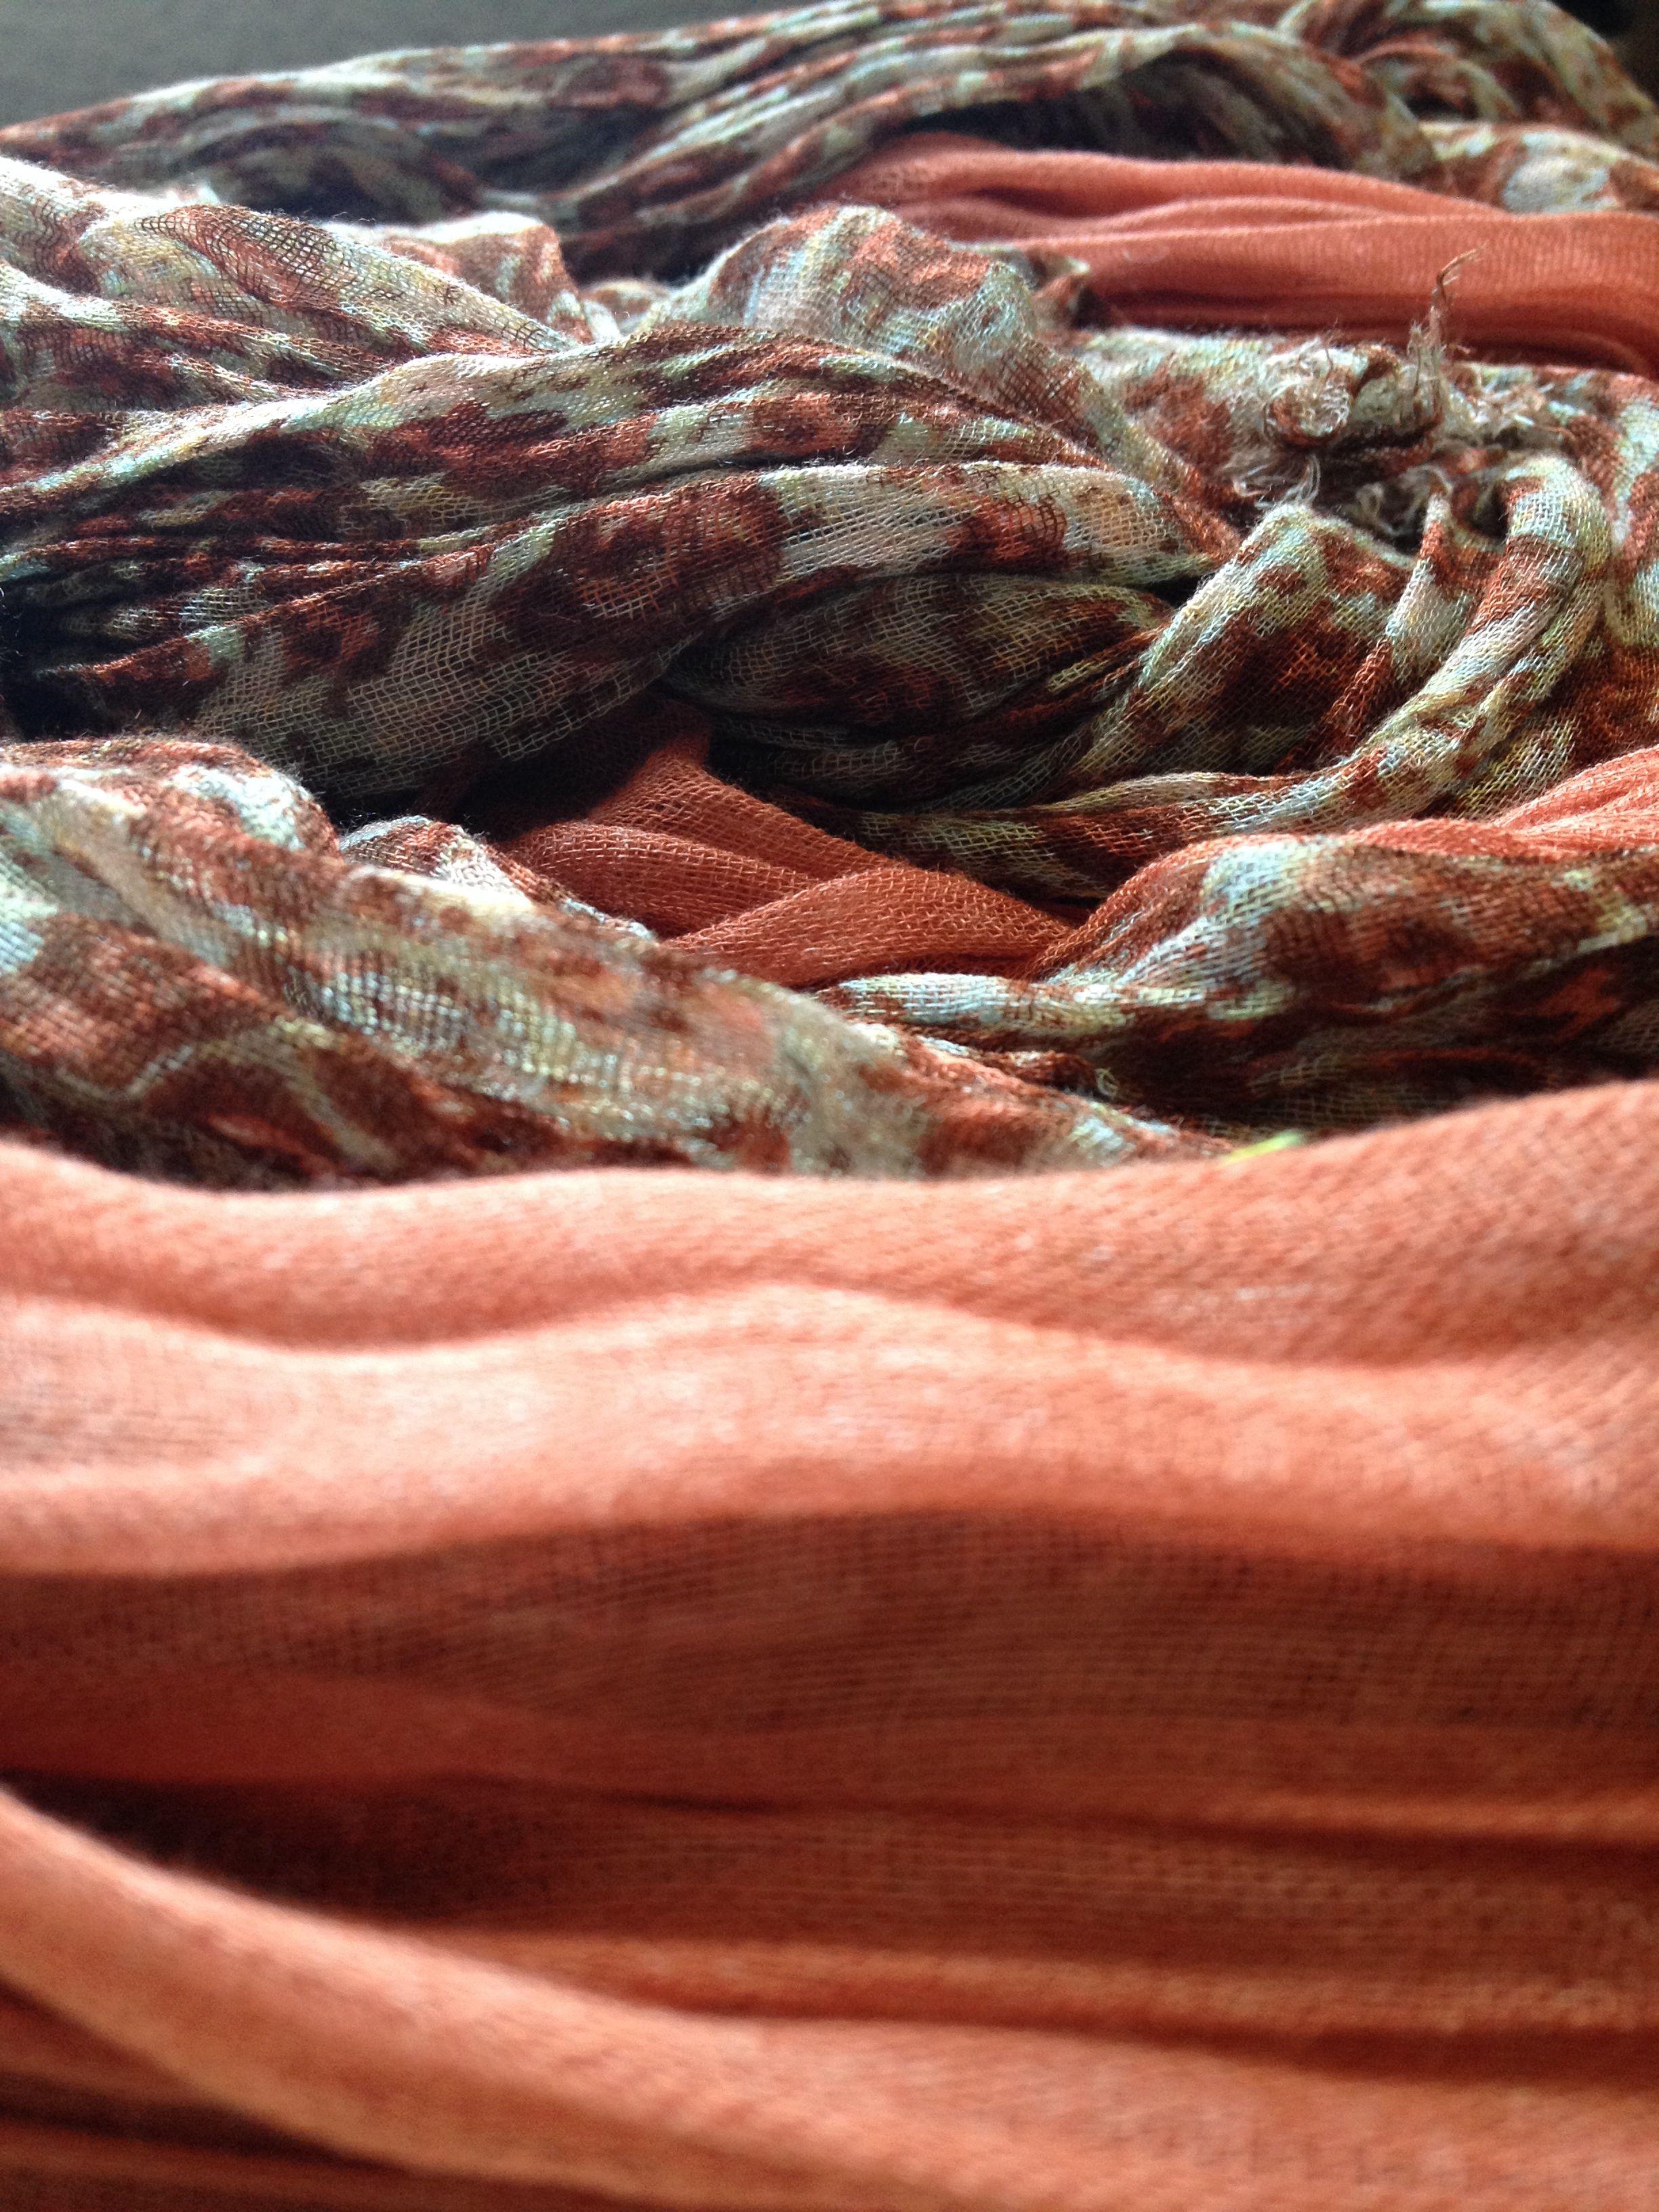 My foulards #77